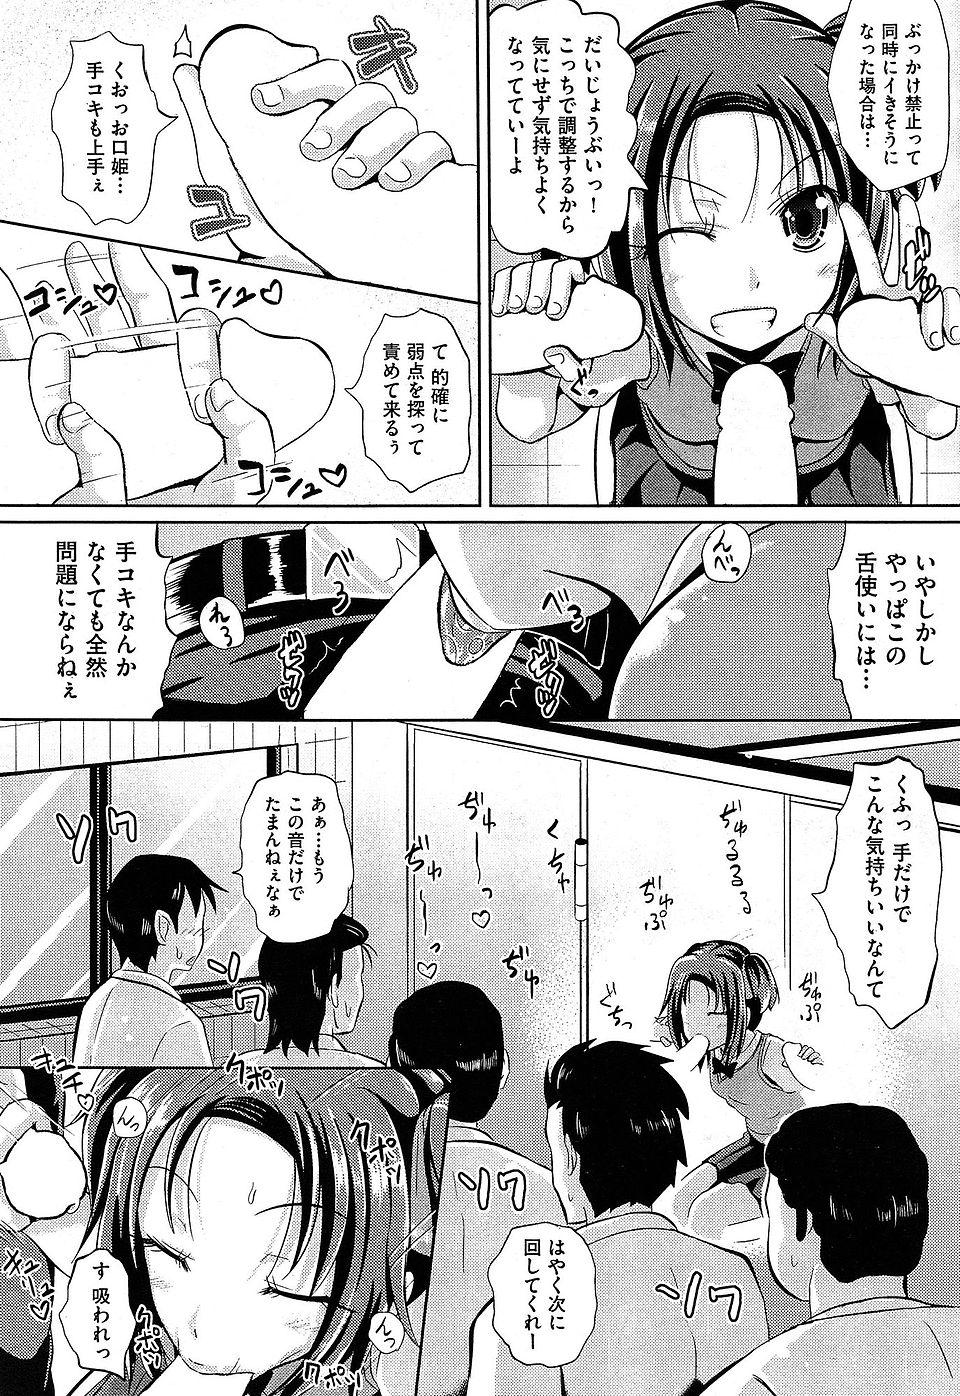 【エロ漫画・エロ同人】教師達にエロ奉仕しまくってるちっぱいビッチな女子校生www (6)